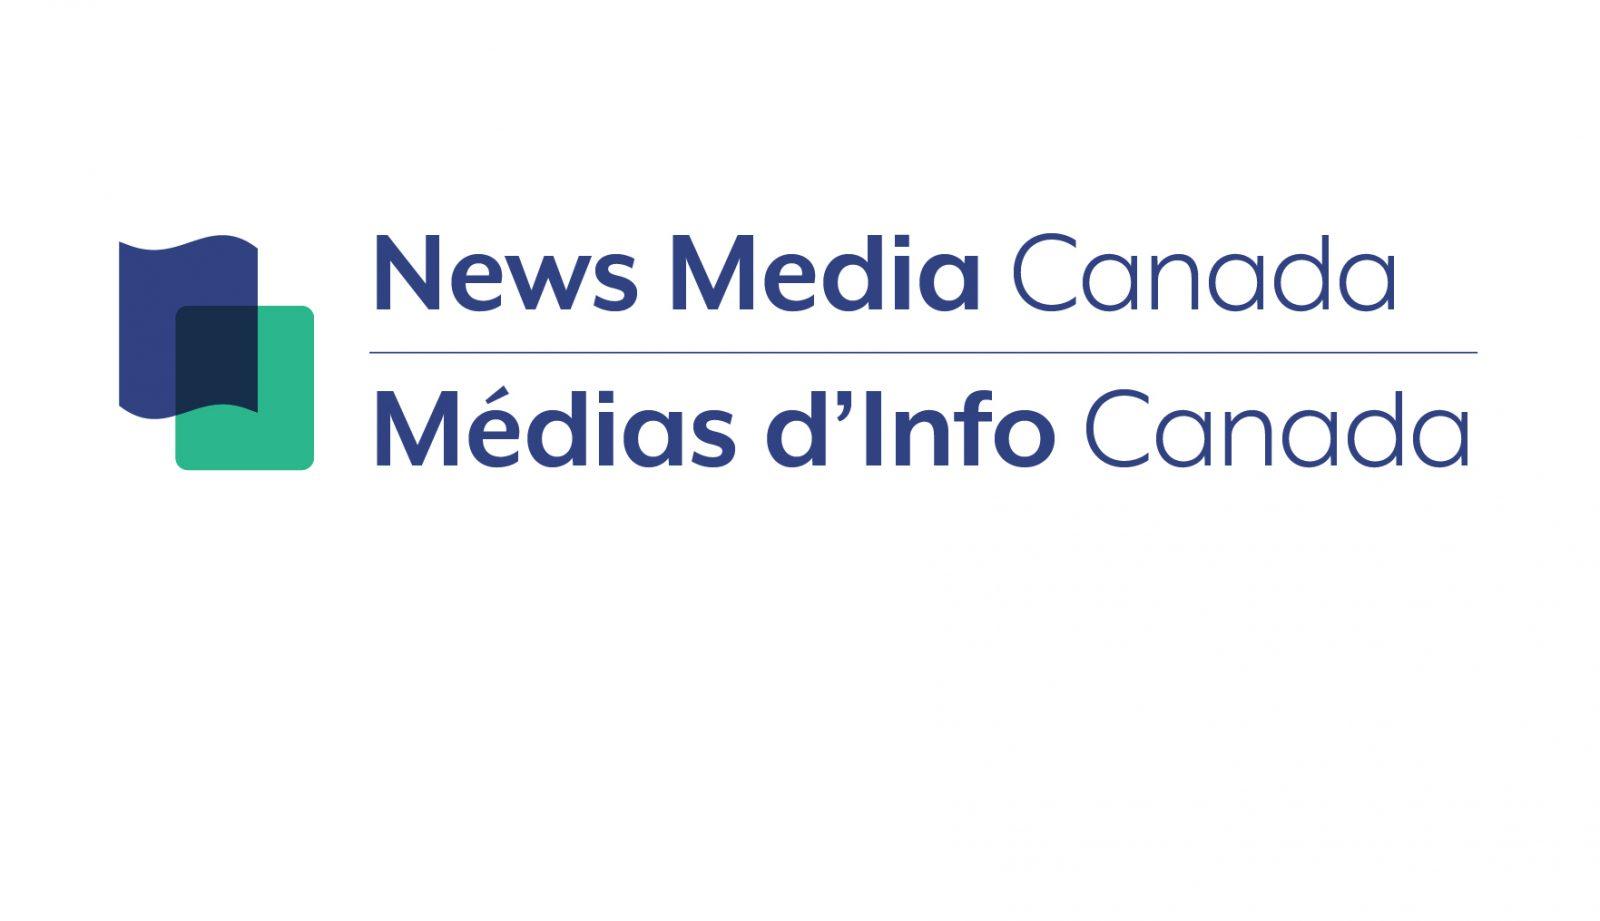 L'inaction du gouvernement met en danger les médias d'information canadiens